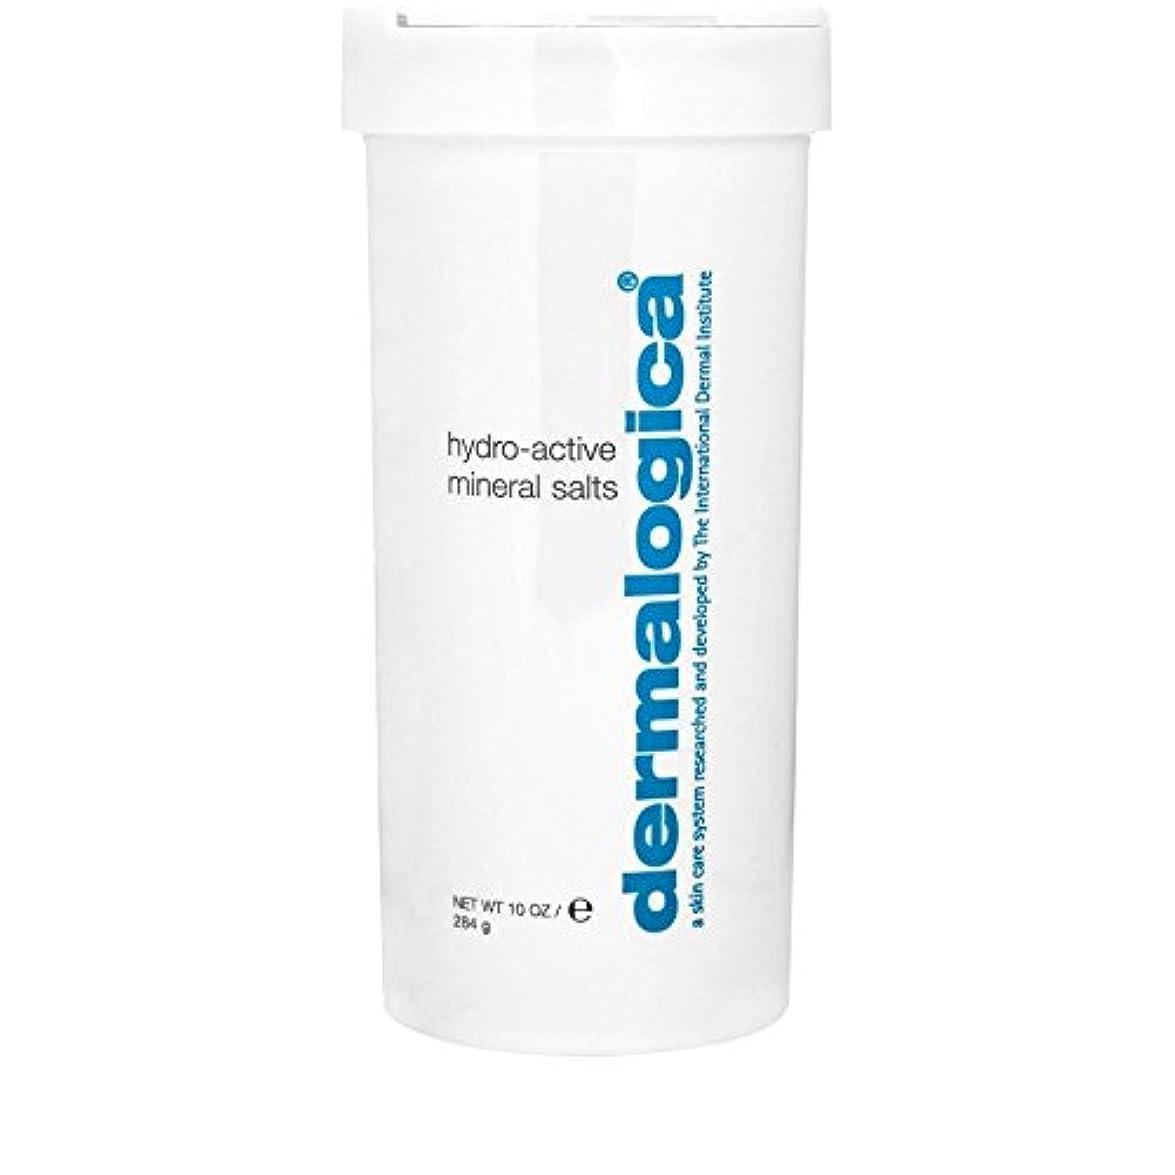 裂け目鳴り響く離れてダーマロジカ水力アクティブミネラル塩284グラム x2 - Dermalogica Hydro Active Mineral Salt 284g (Pack of 2) [並行輸入品]